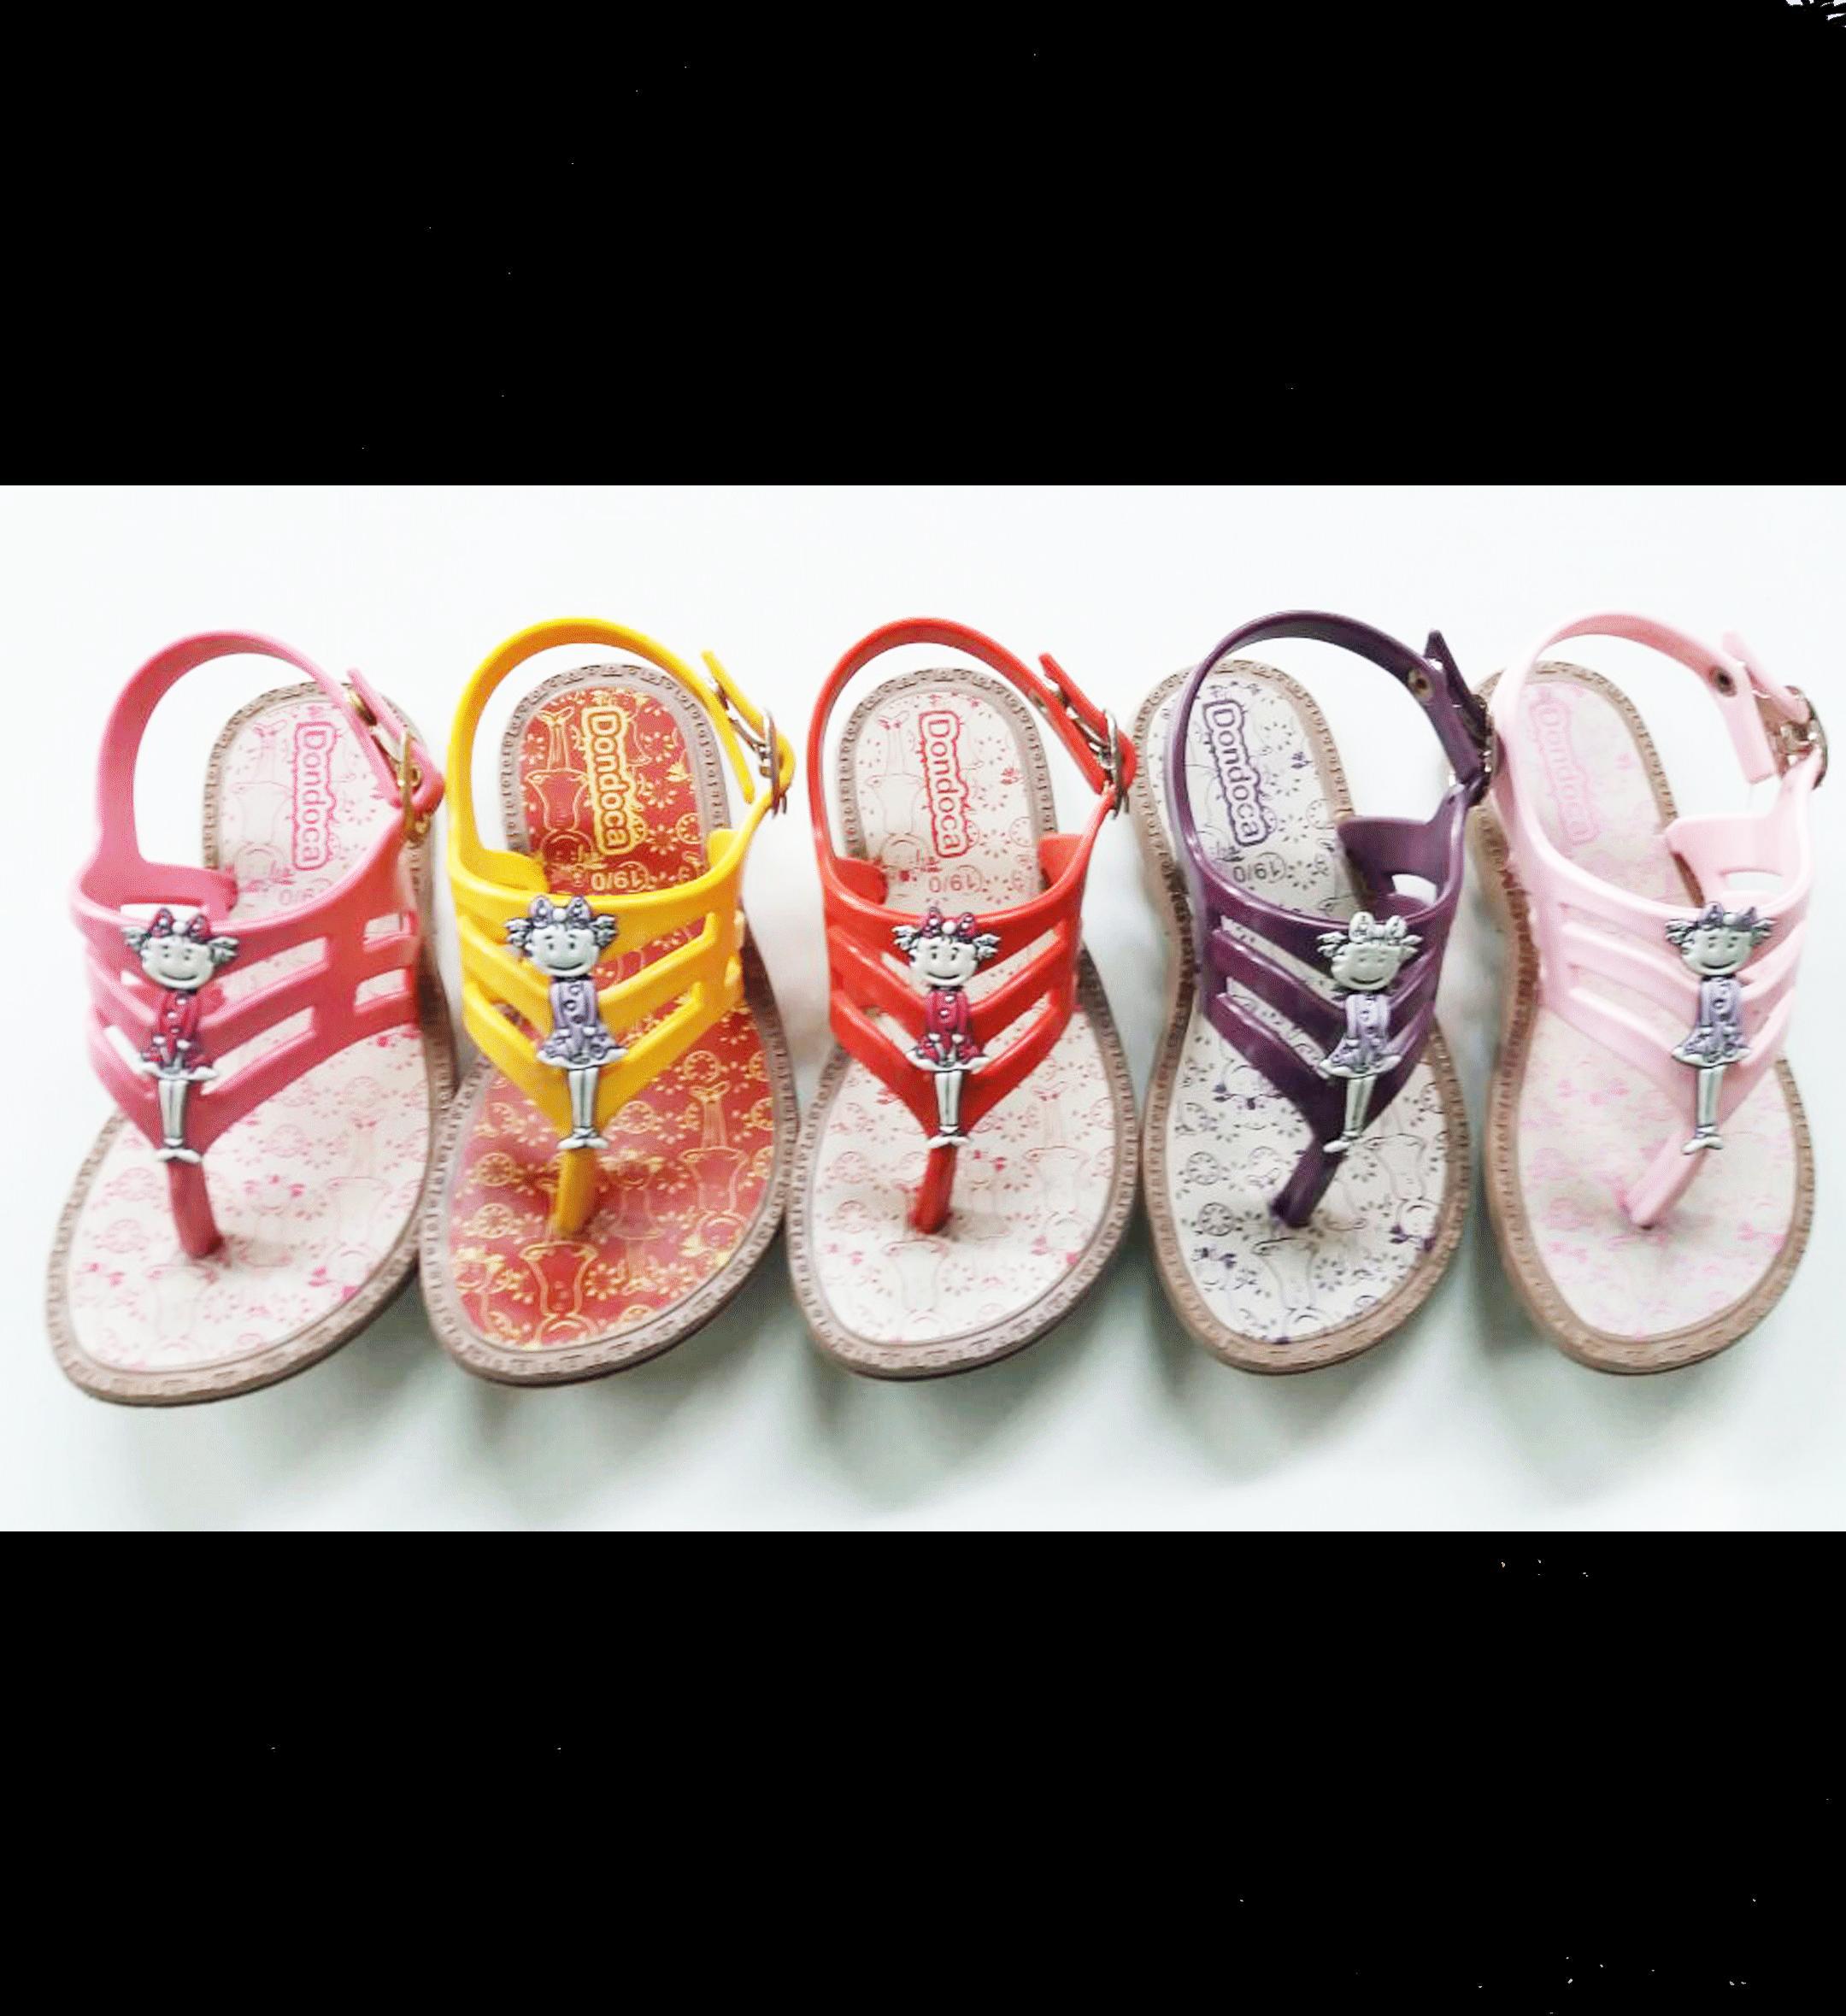 649c4c5f21 Calçado Infantil Baby Feminino Ref  008209 (lote 15 pares)R 7